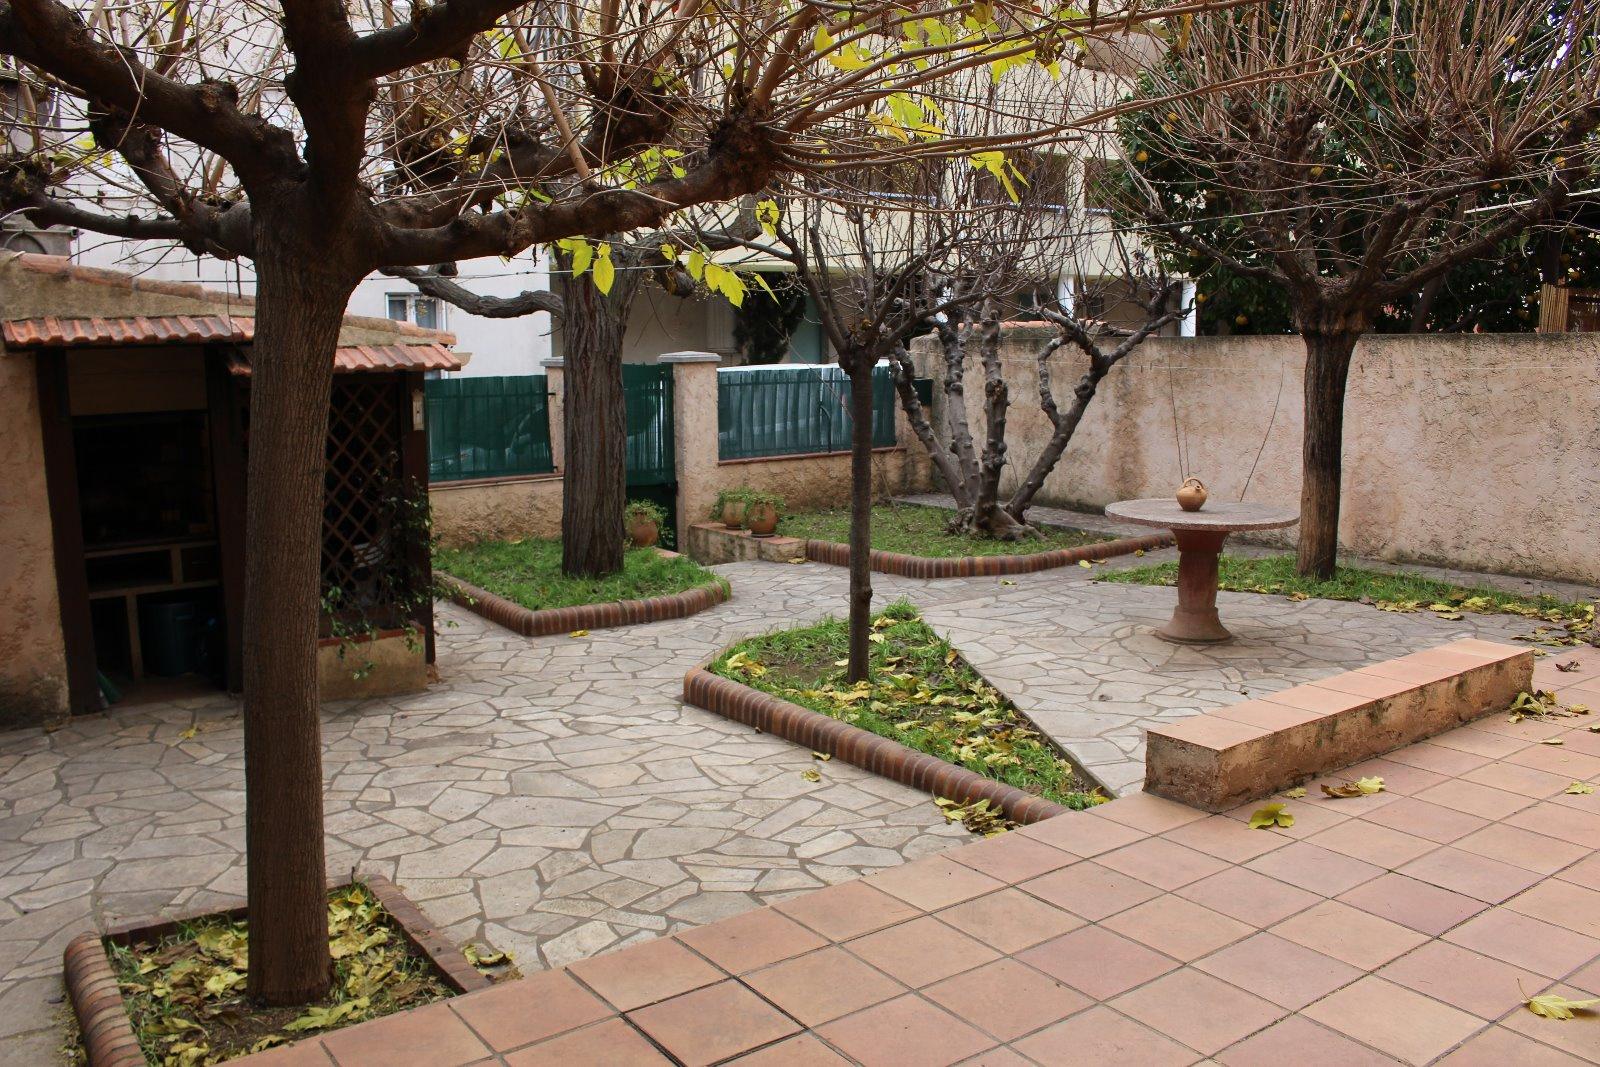 Vente toulon st jean spacieuse maison de ville de t5 avec jardin - Maison jardin brisbane toulon ...